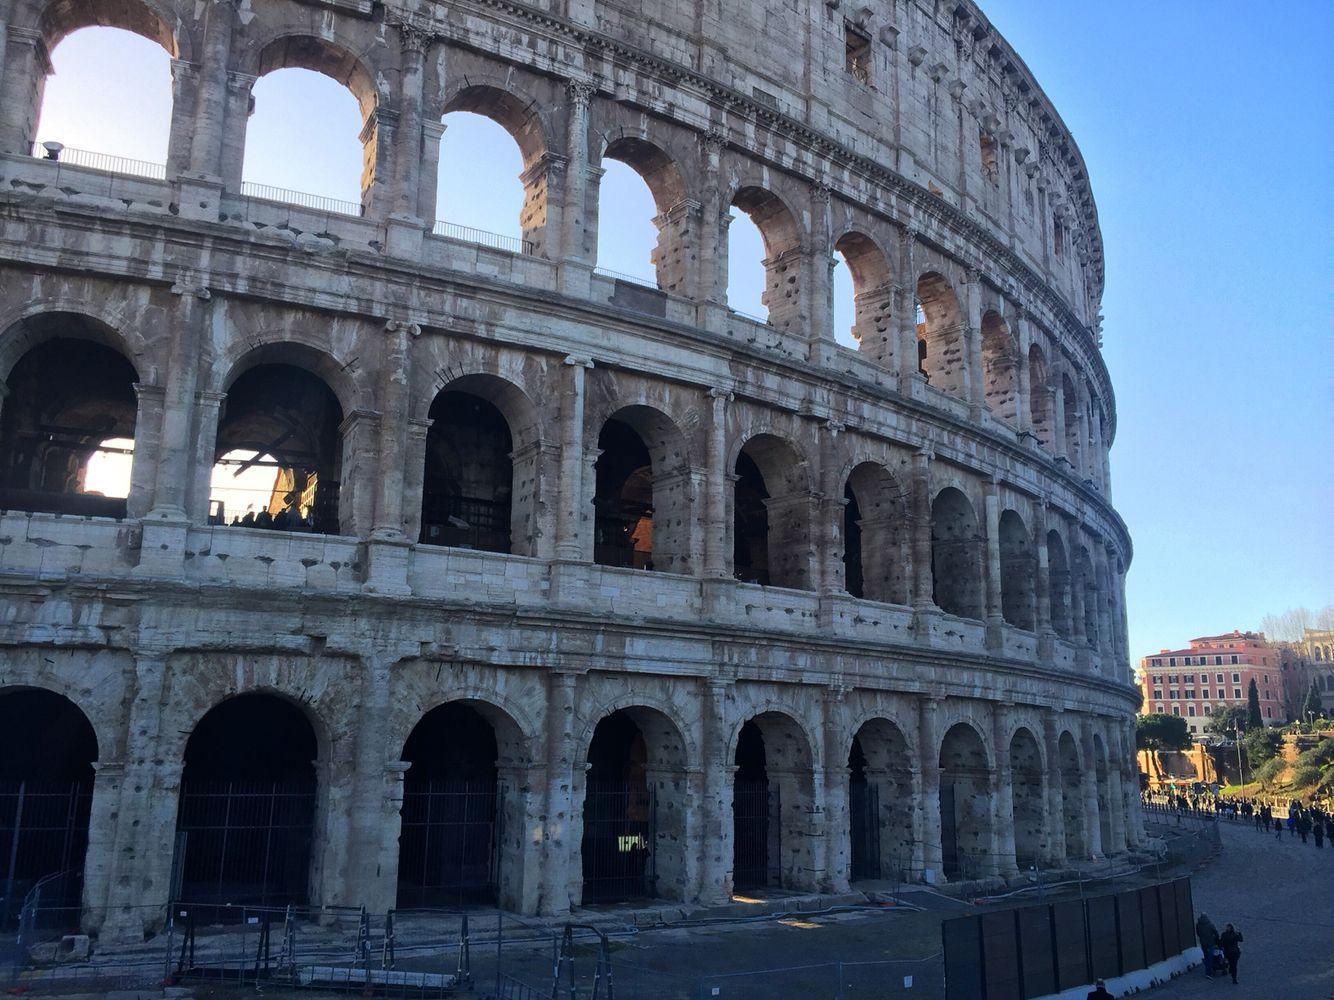 Roma, 21 febbraio 2016  La città eterna mi ha accolto in tutto il suo splendore e rivedere il Colosseo è un'emozione unica ogni volta.